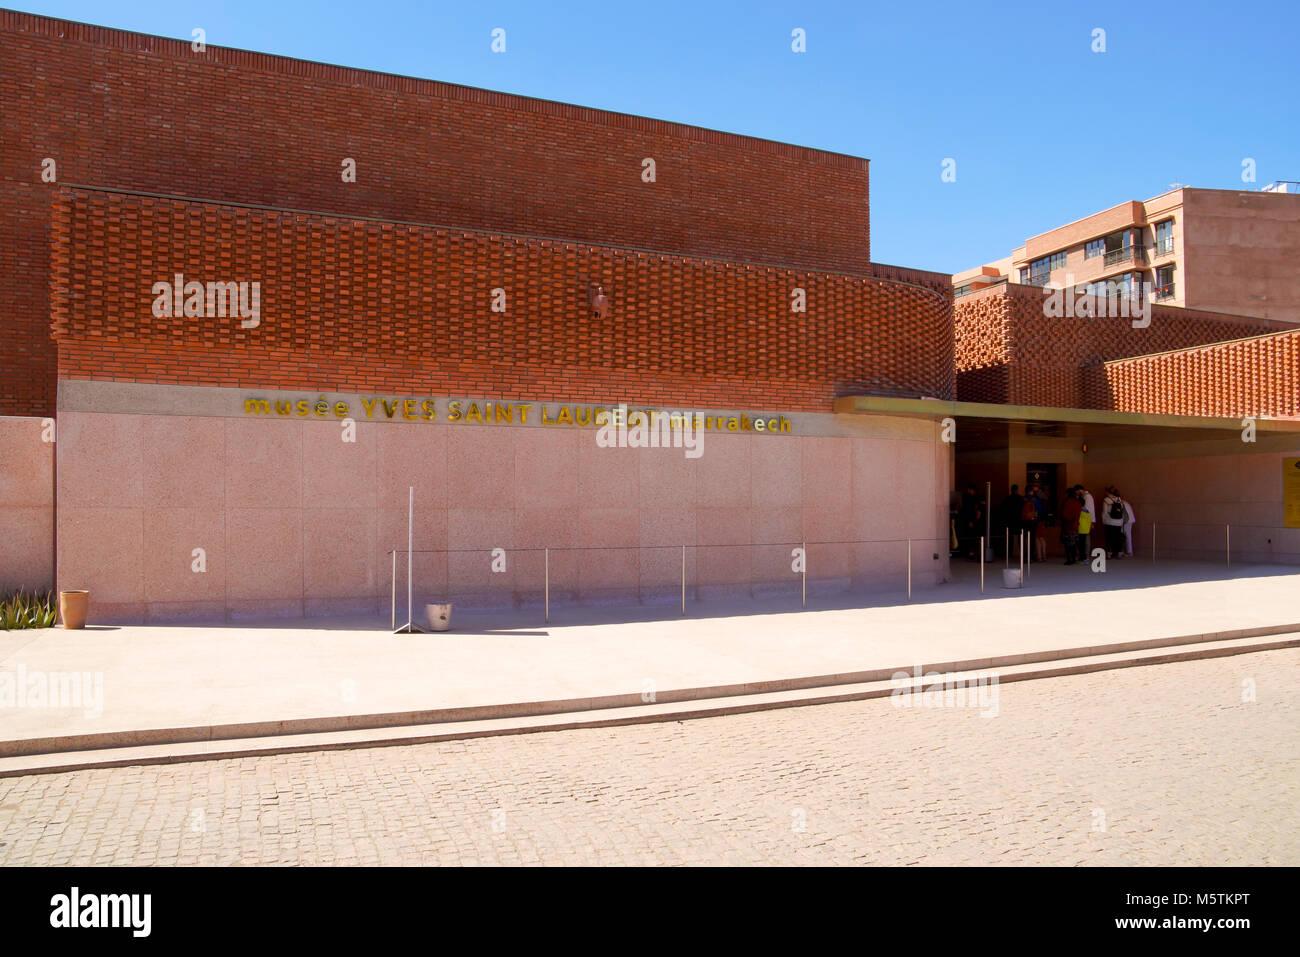 d7d87c8da6e Yves Saint Laurent Musée designed by The Studio Ko Marrakech, Morocco. -  Stock Image